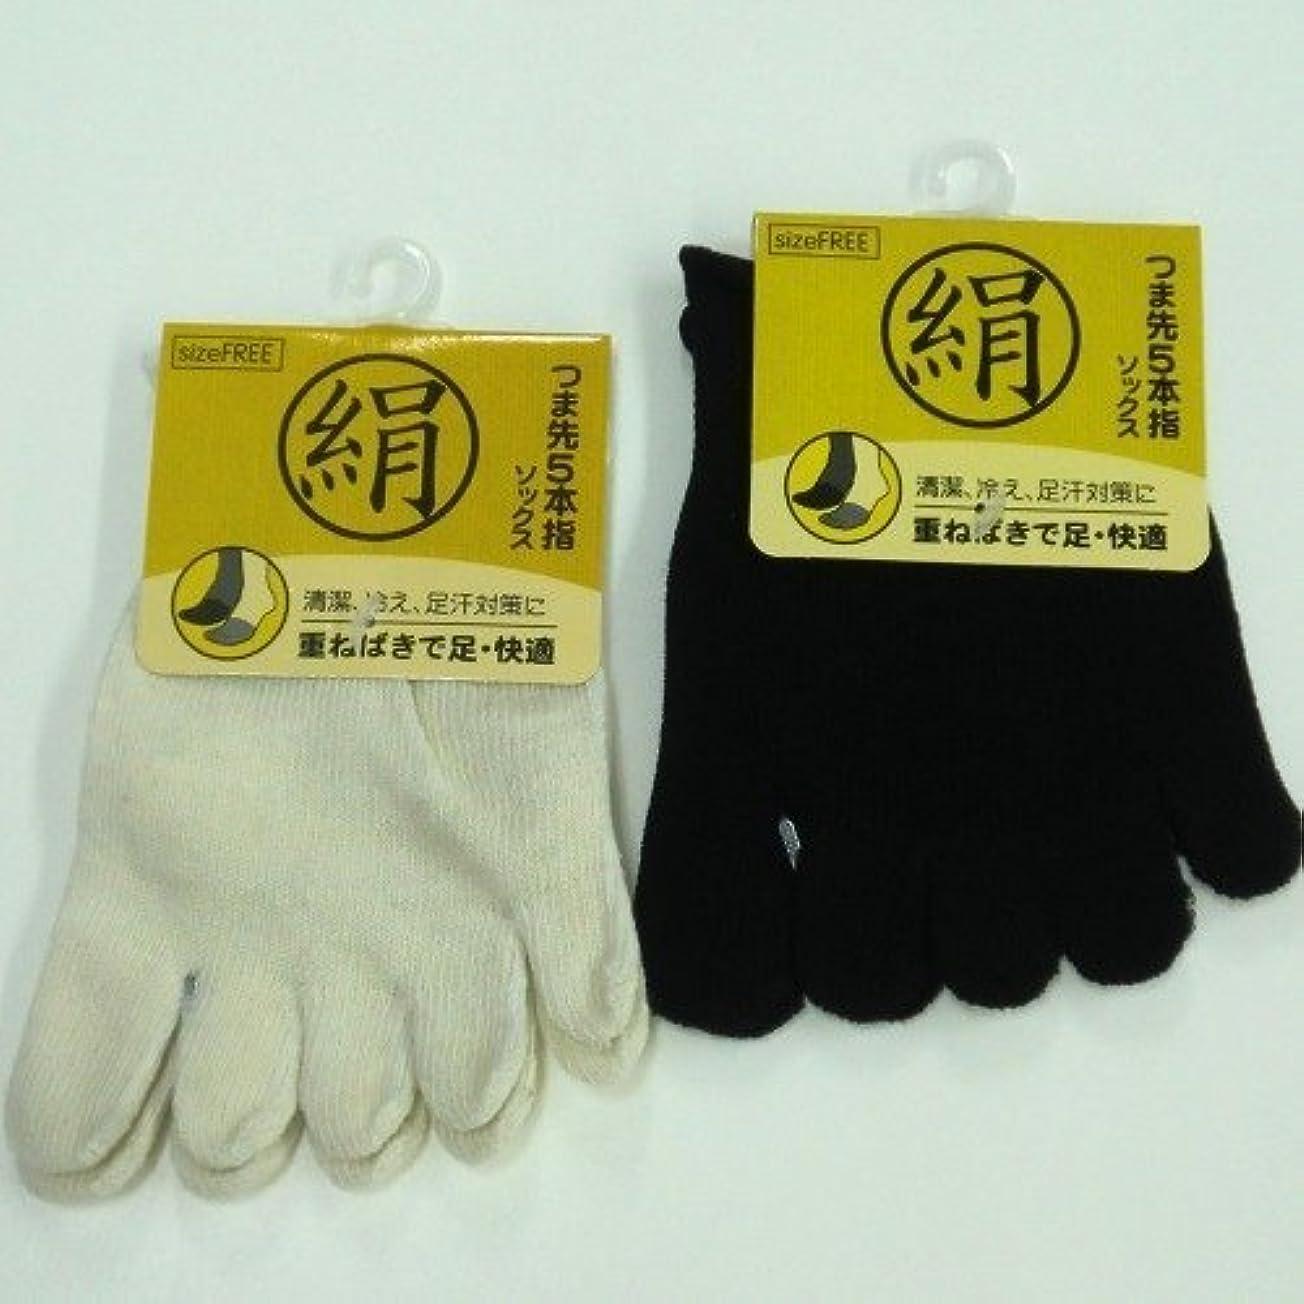 サイバースペース一般的な基礎理論シルク 5本指ハーフソックス 足指カバー 天然素材絹で抗菌防臭 4足組